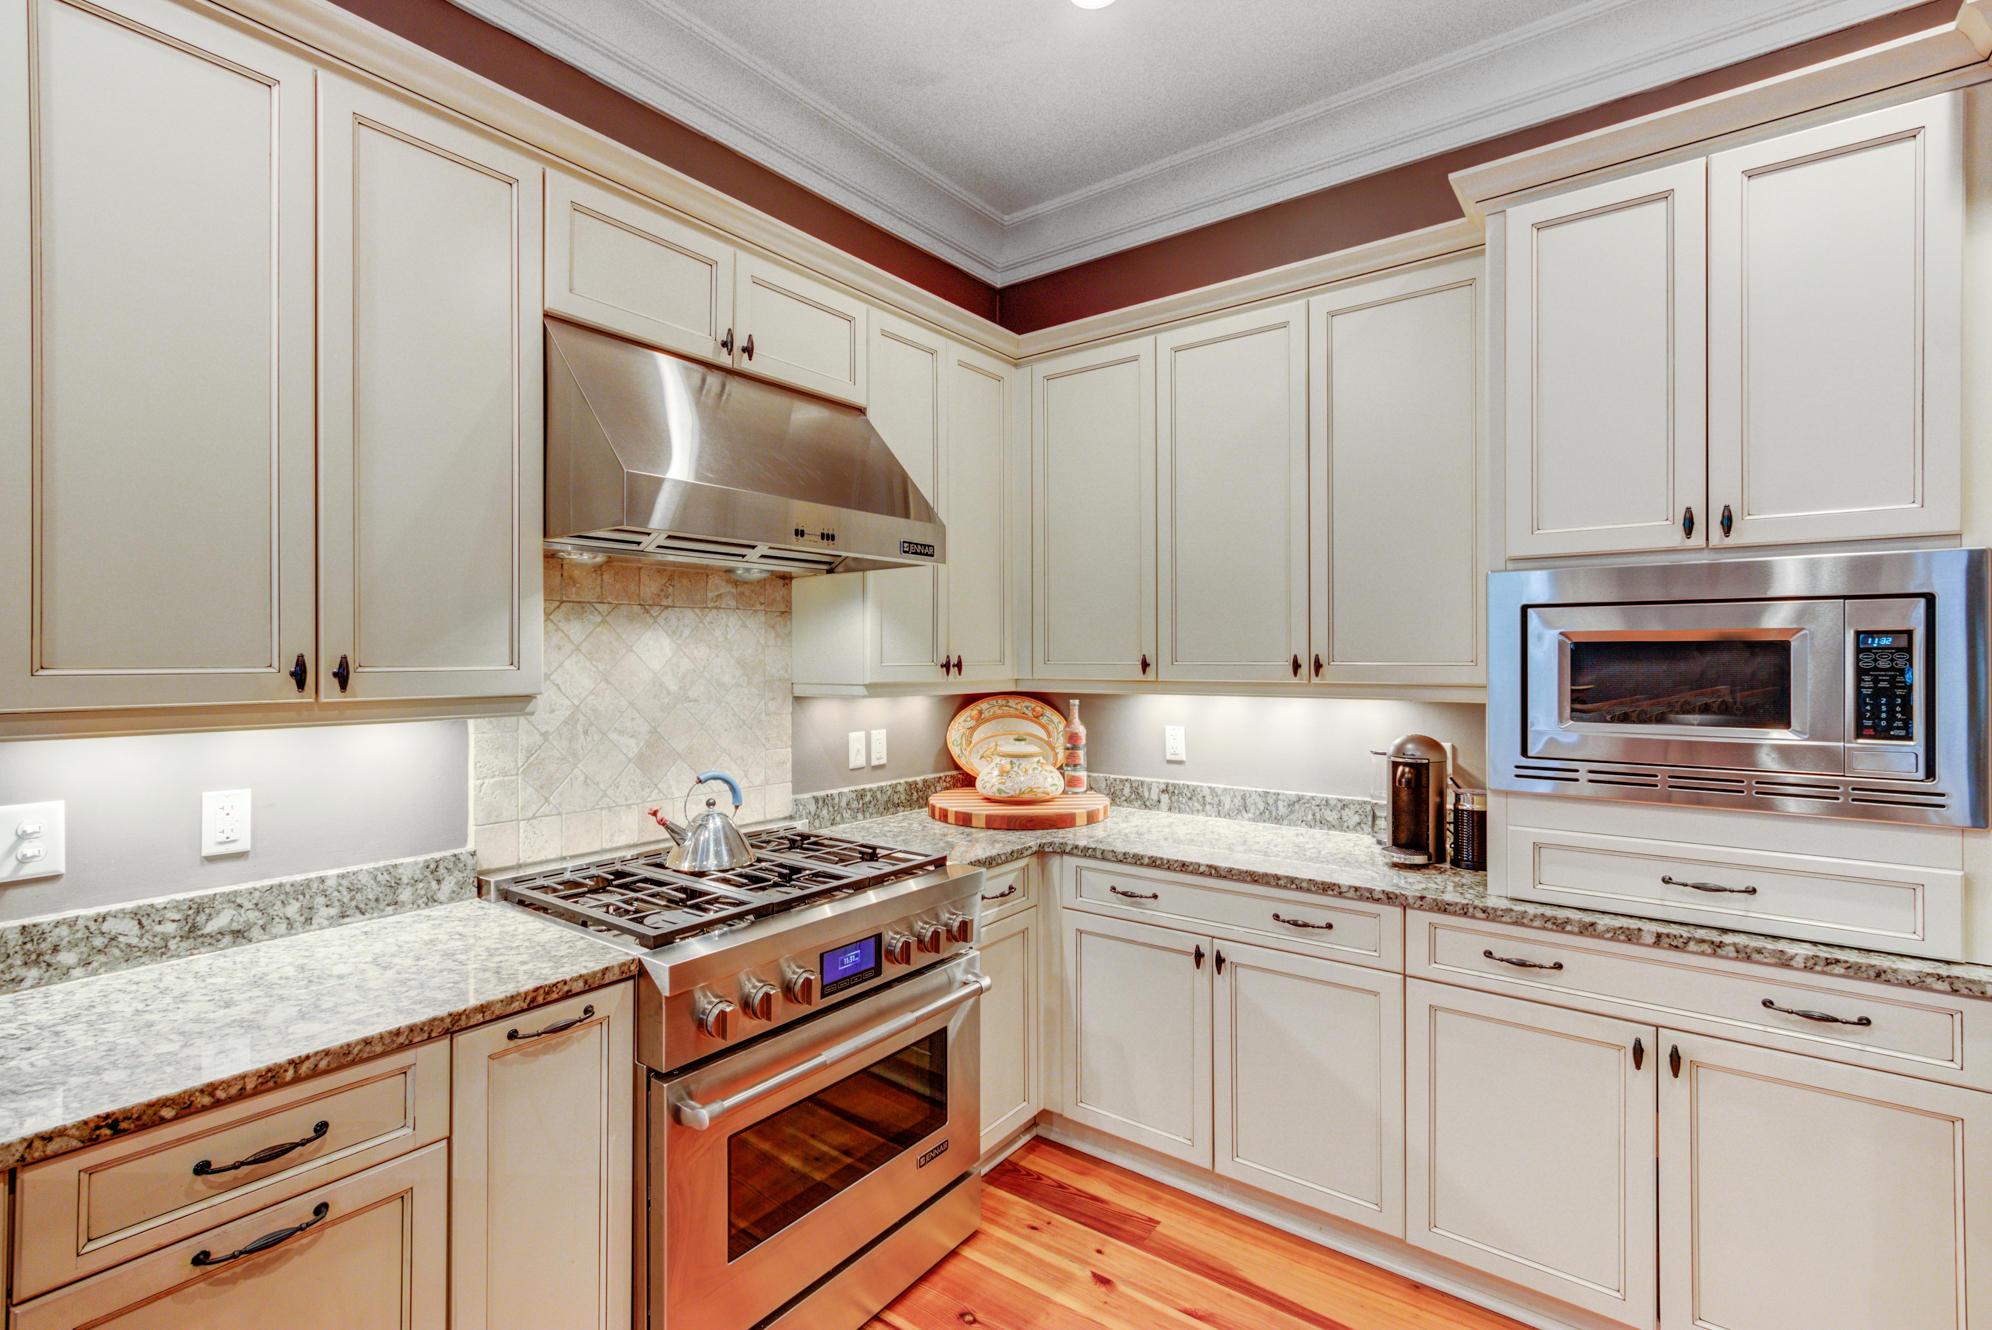 Park West Homes For Sale - 1527 Capel, Mount Pleasant, SC - 2